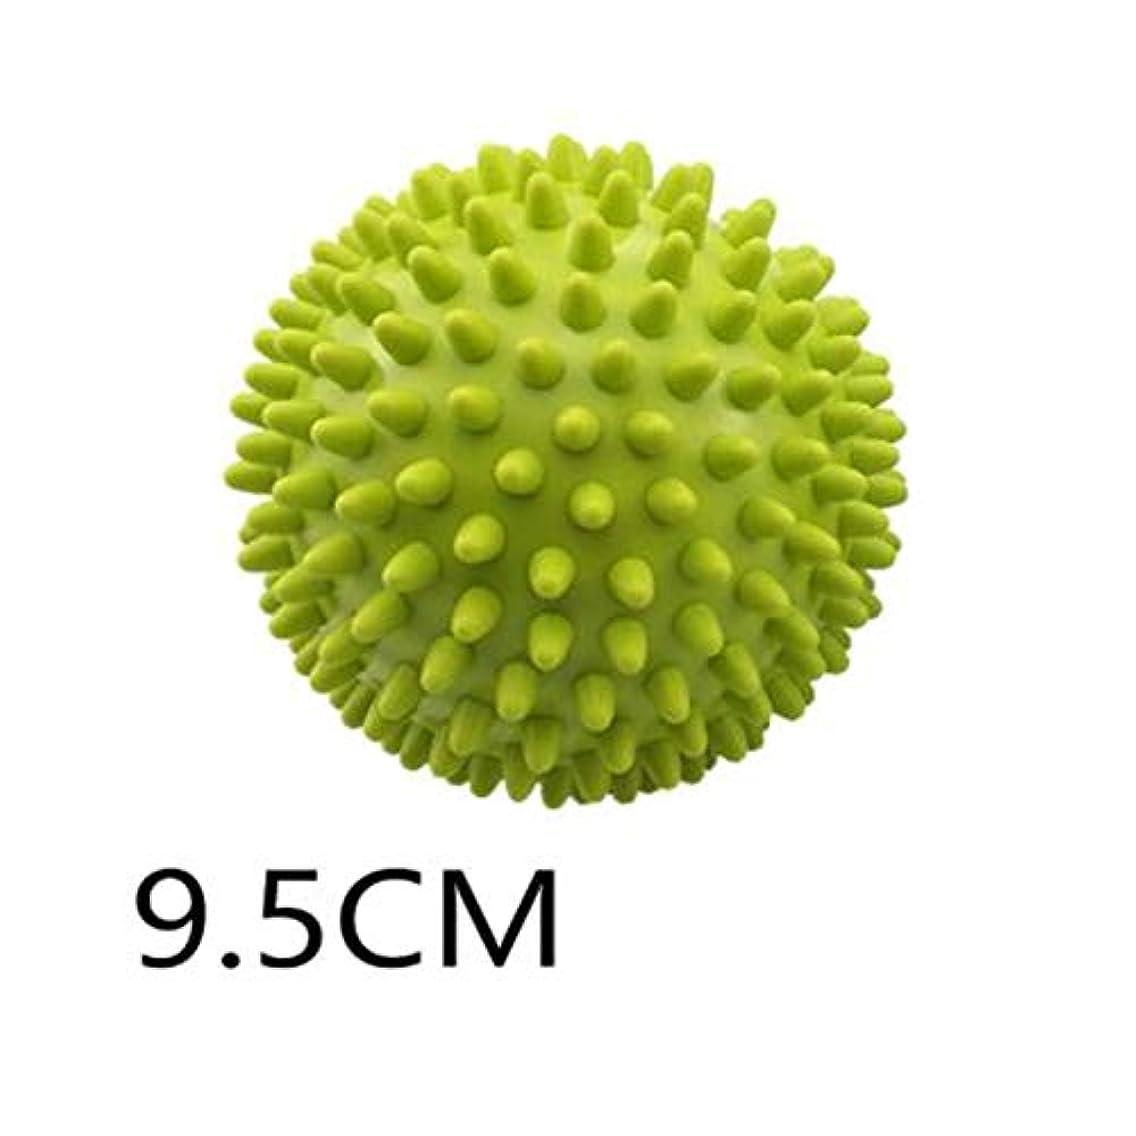 何よりも本質的にのヒープとげのボール - グリーン